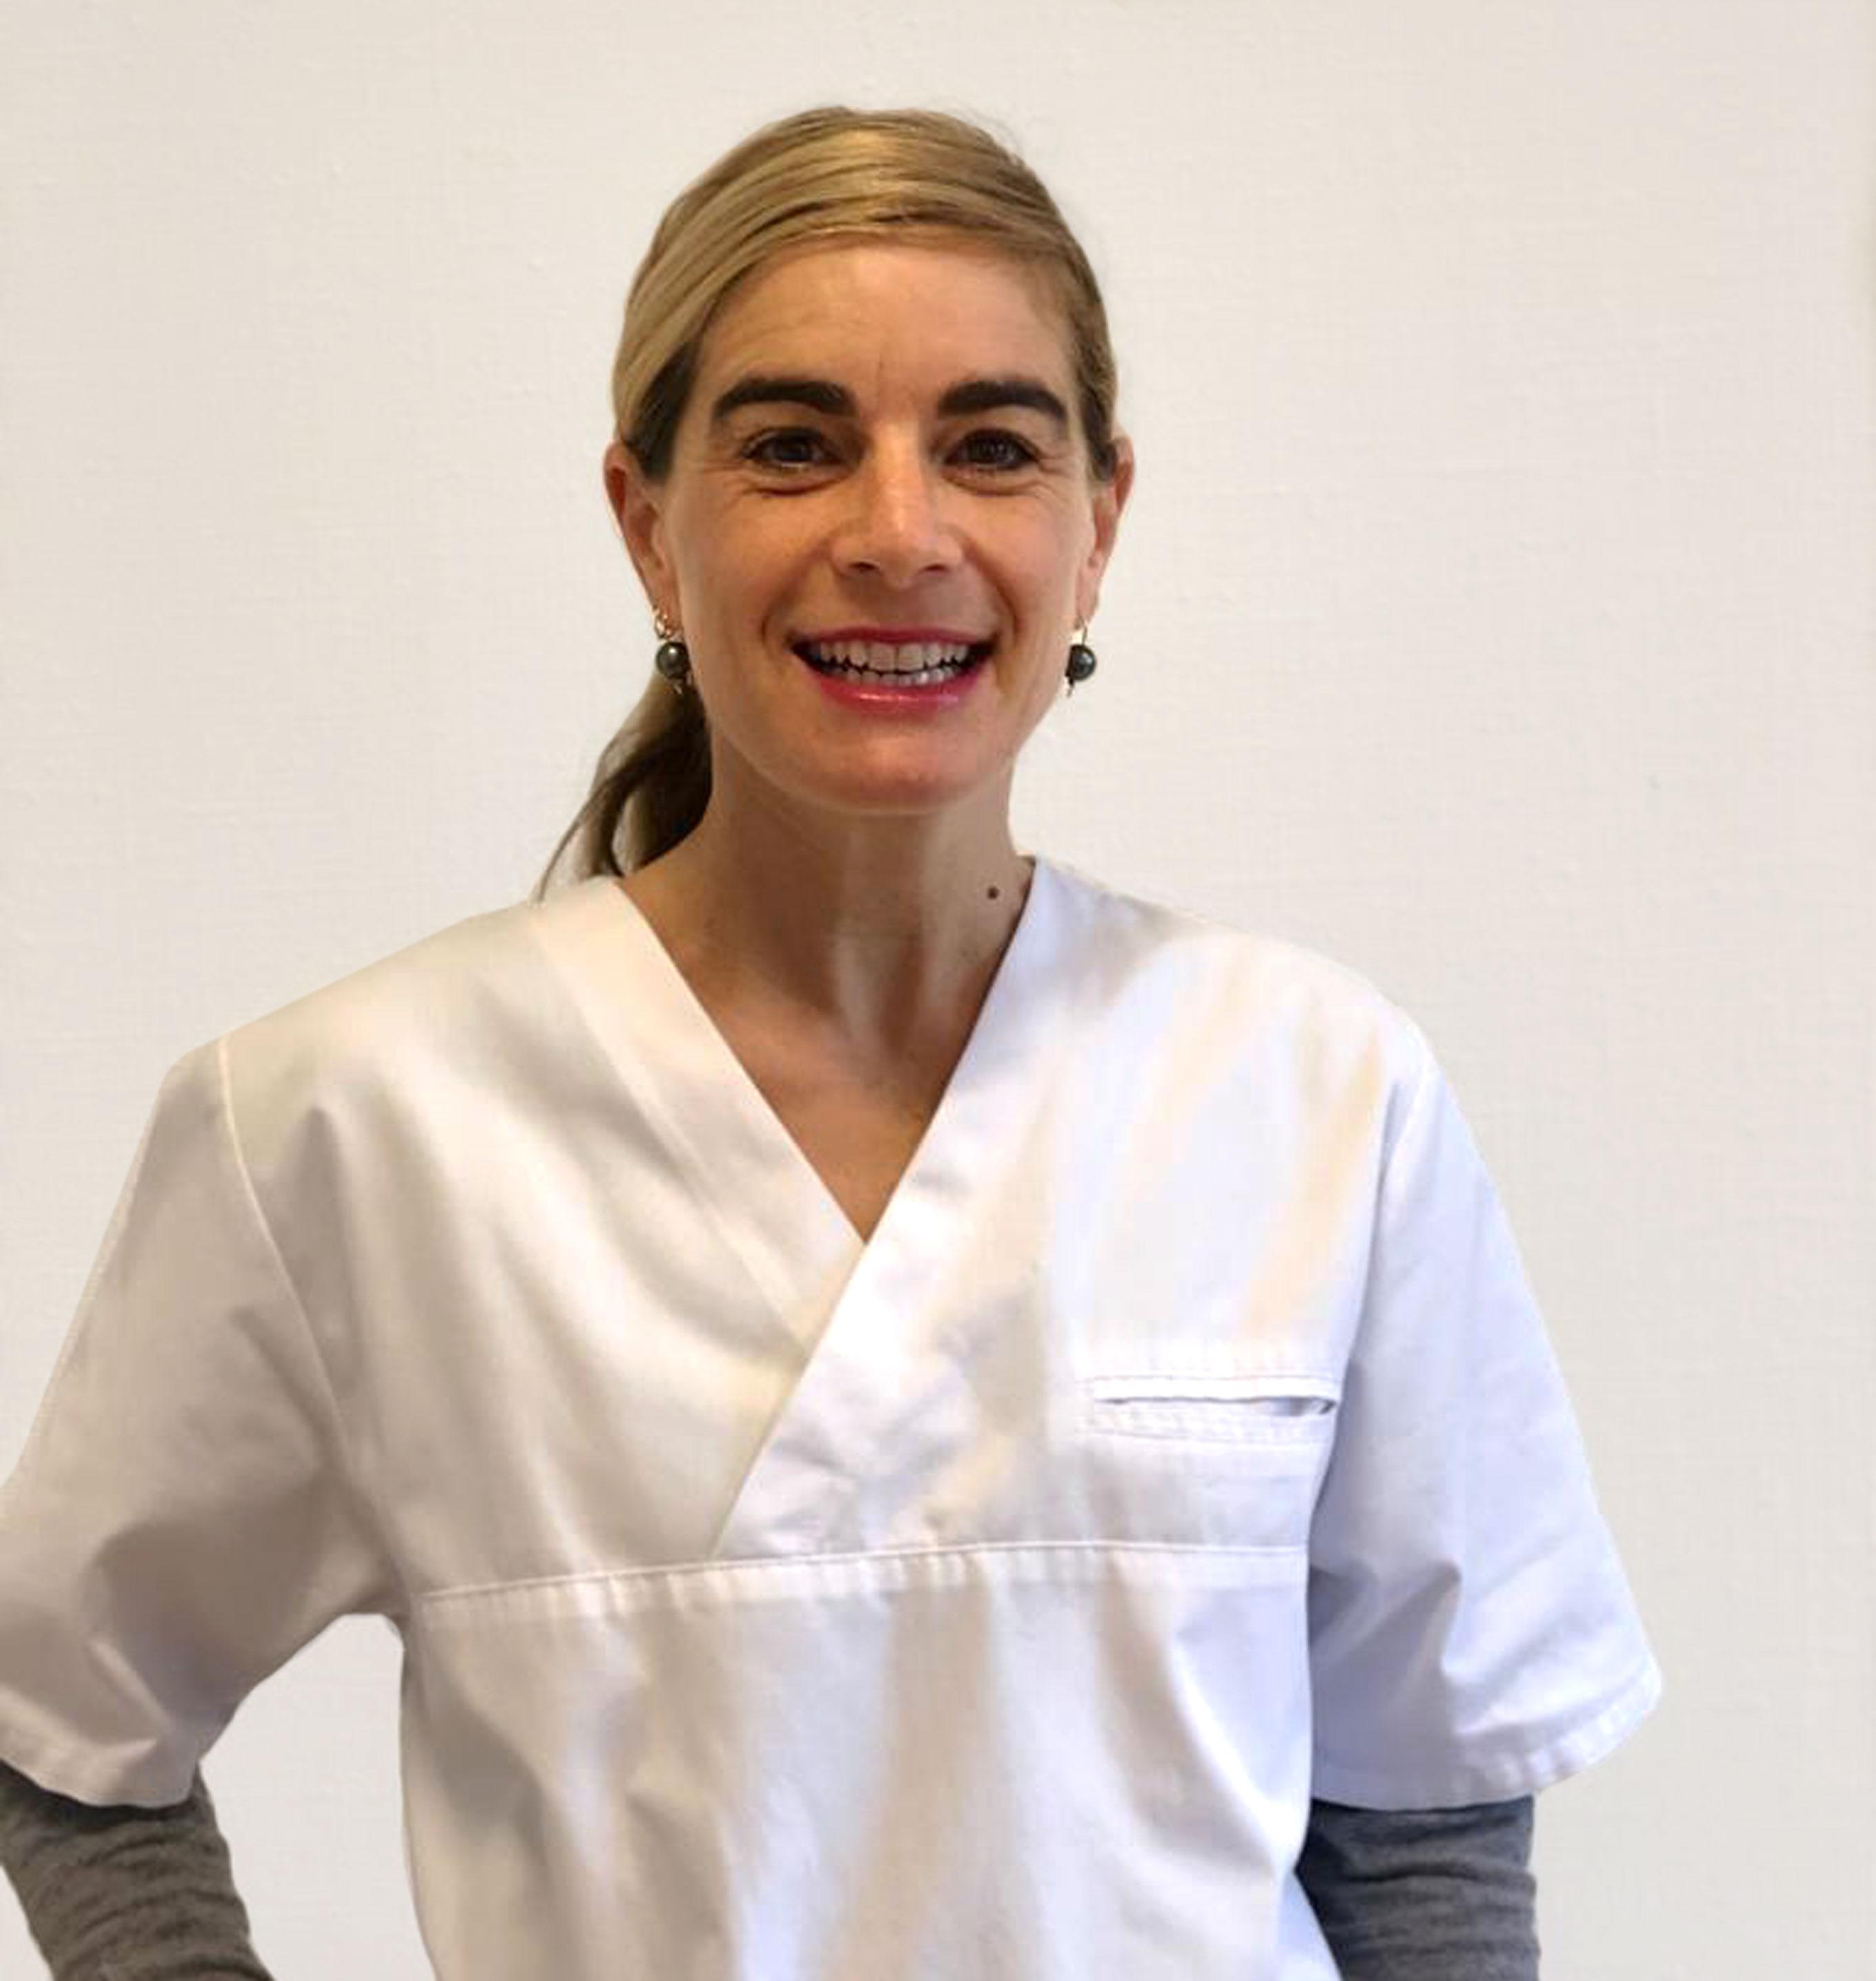 Dr Caroline Carera Sager